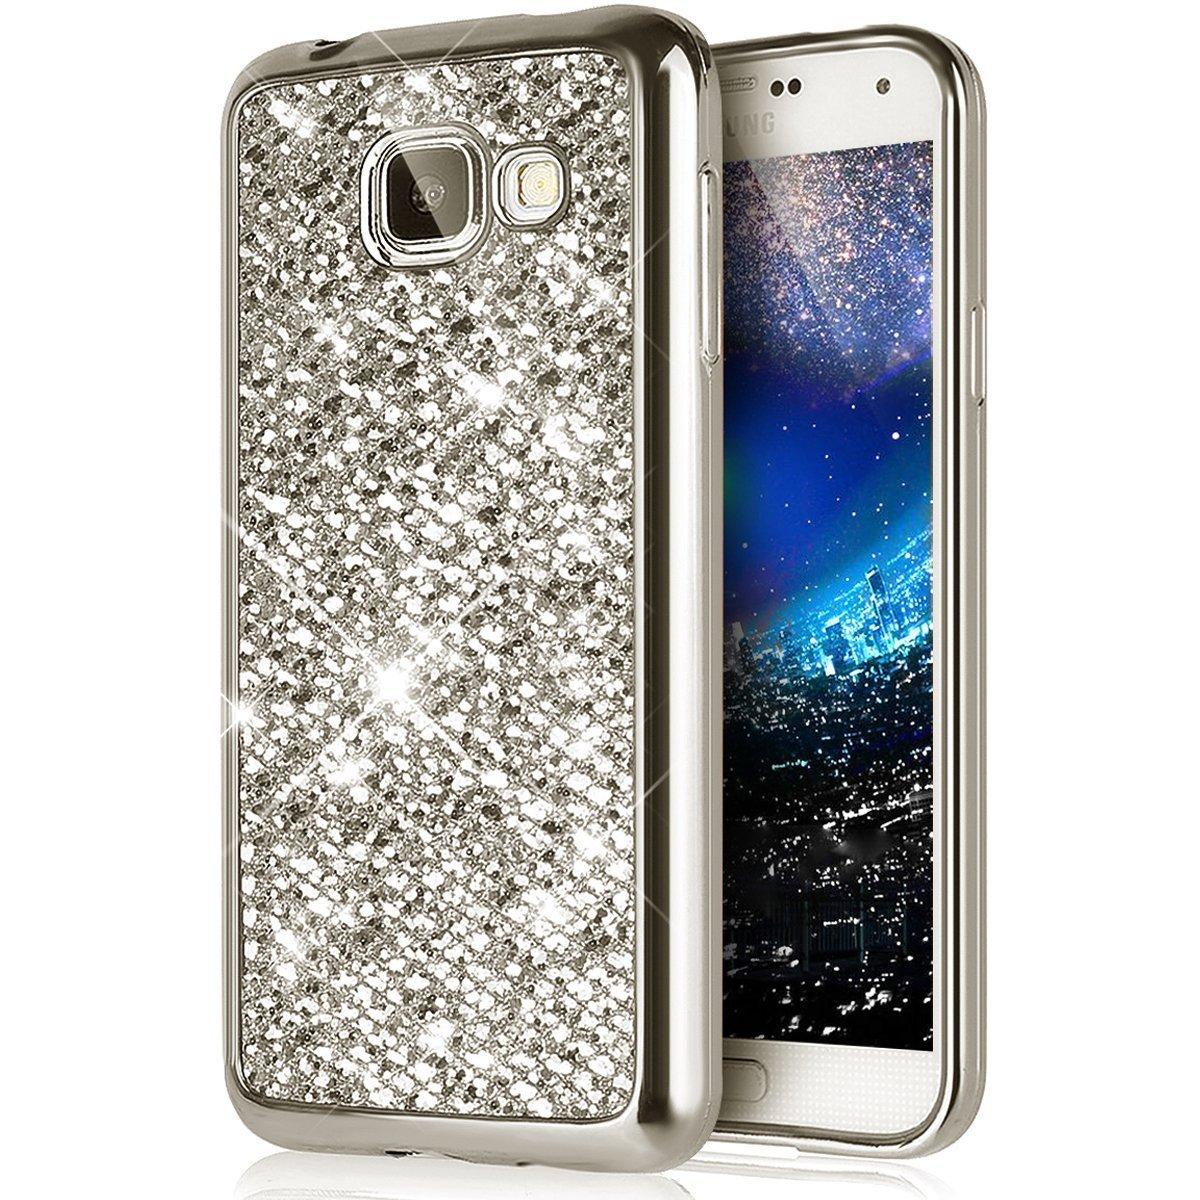 PHEZEN Galaxy J7 V ケース Galaxy J7 Perx ケース Galaxy J7 Sky Pro ケース グラデーションカラー フルボディ 360度 カバープロテクト ソフトクリアー TPU シリコンラバーケース Samsung Galaxy J7 2017用 PHEZEN08624 B076CH6496 Bling Silver Bling Silver